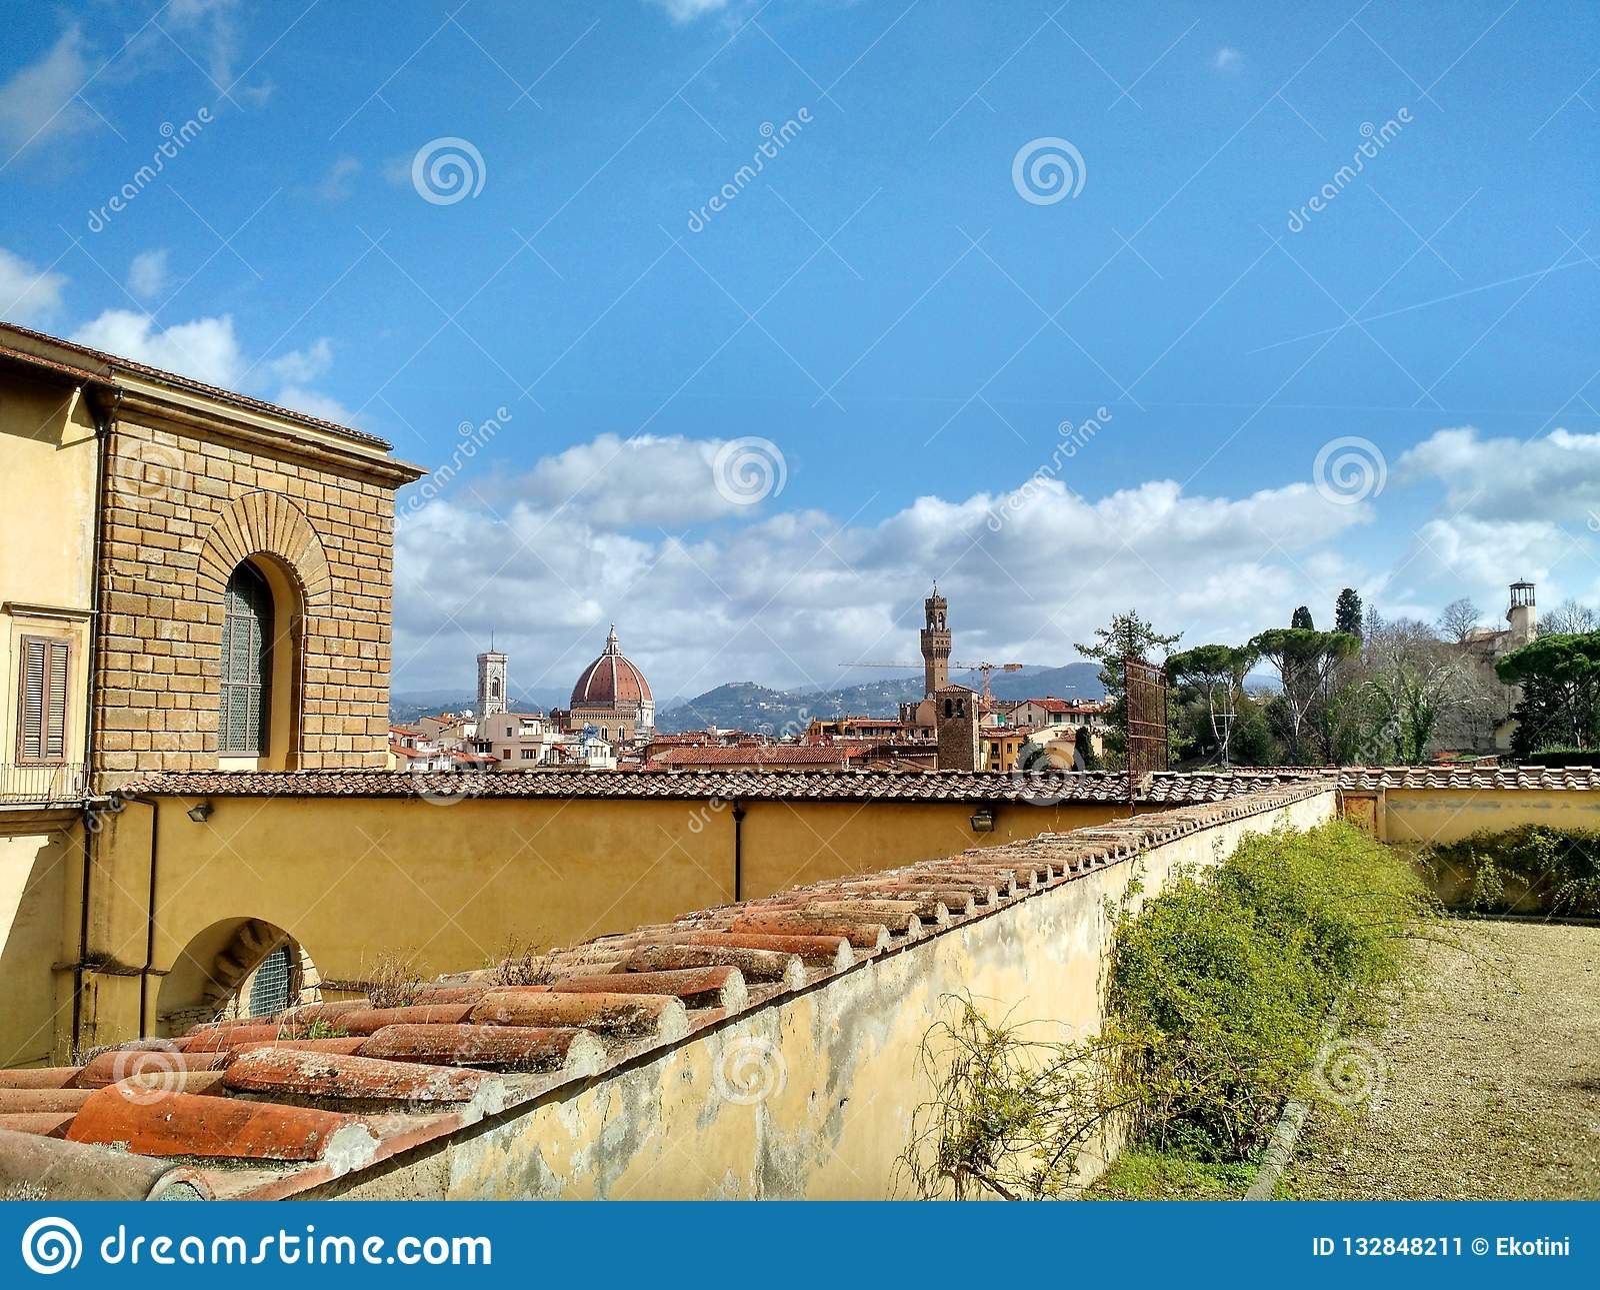 佛罗伦萨Iew从波波里庭院的,和中央寺院和旧宫可看见在背景中